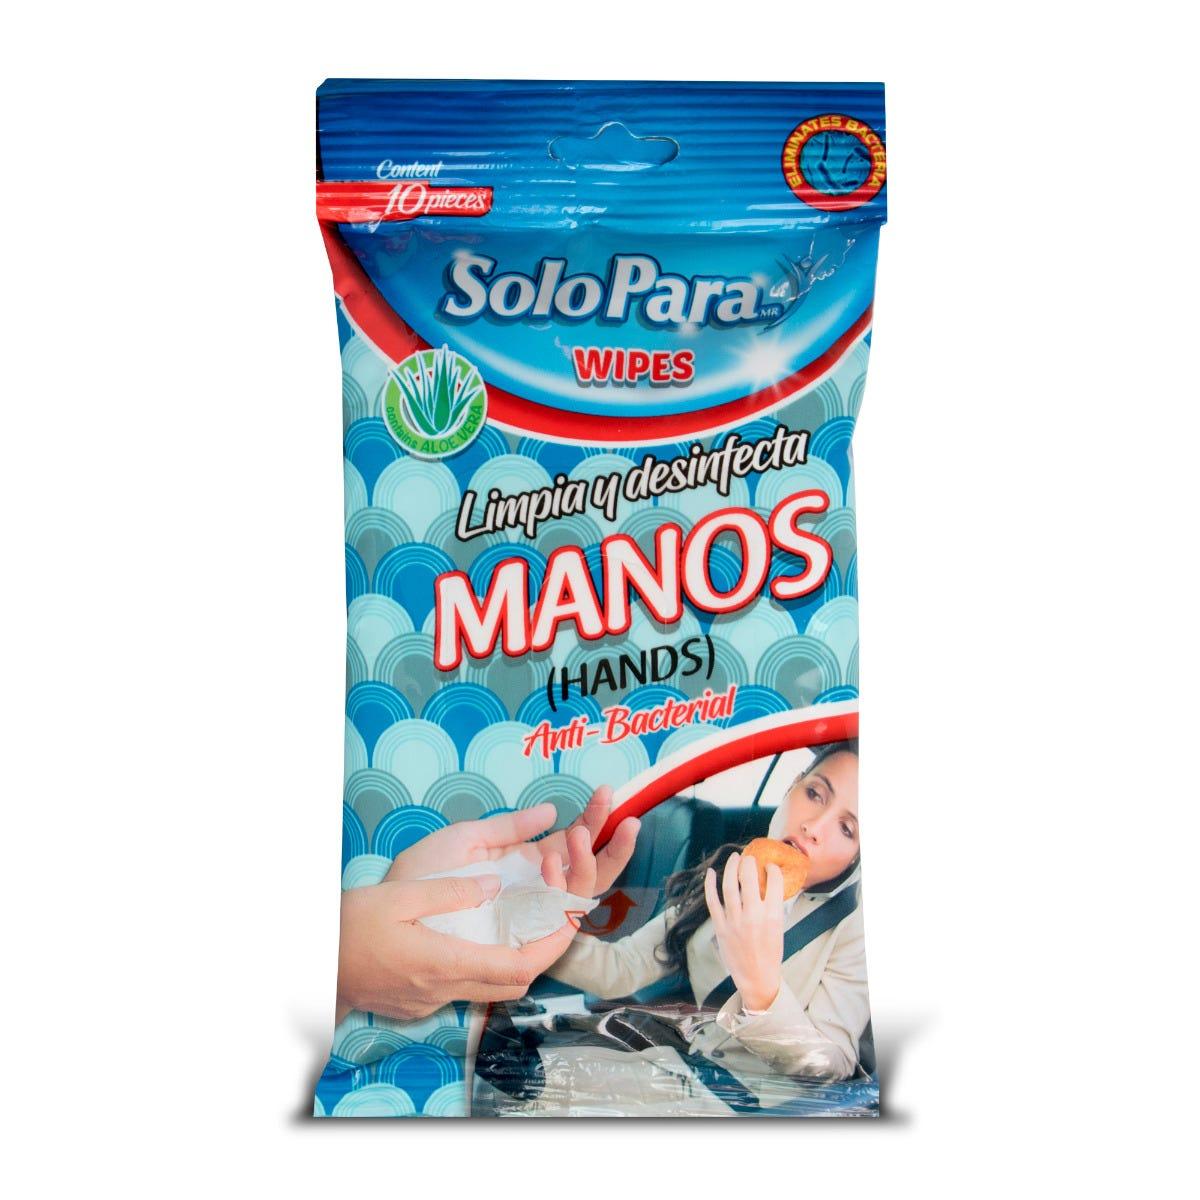 Toallas limpiadoras y desinfectantes para manos, 10 pzs